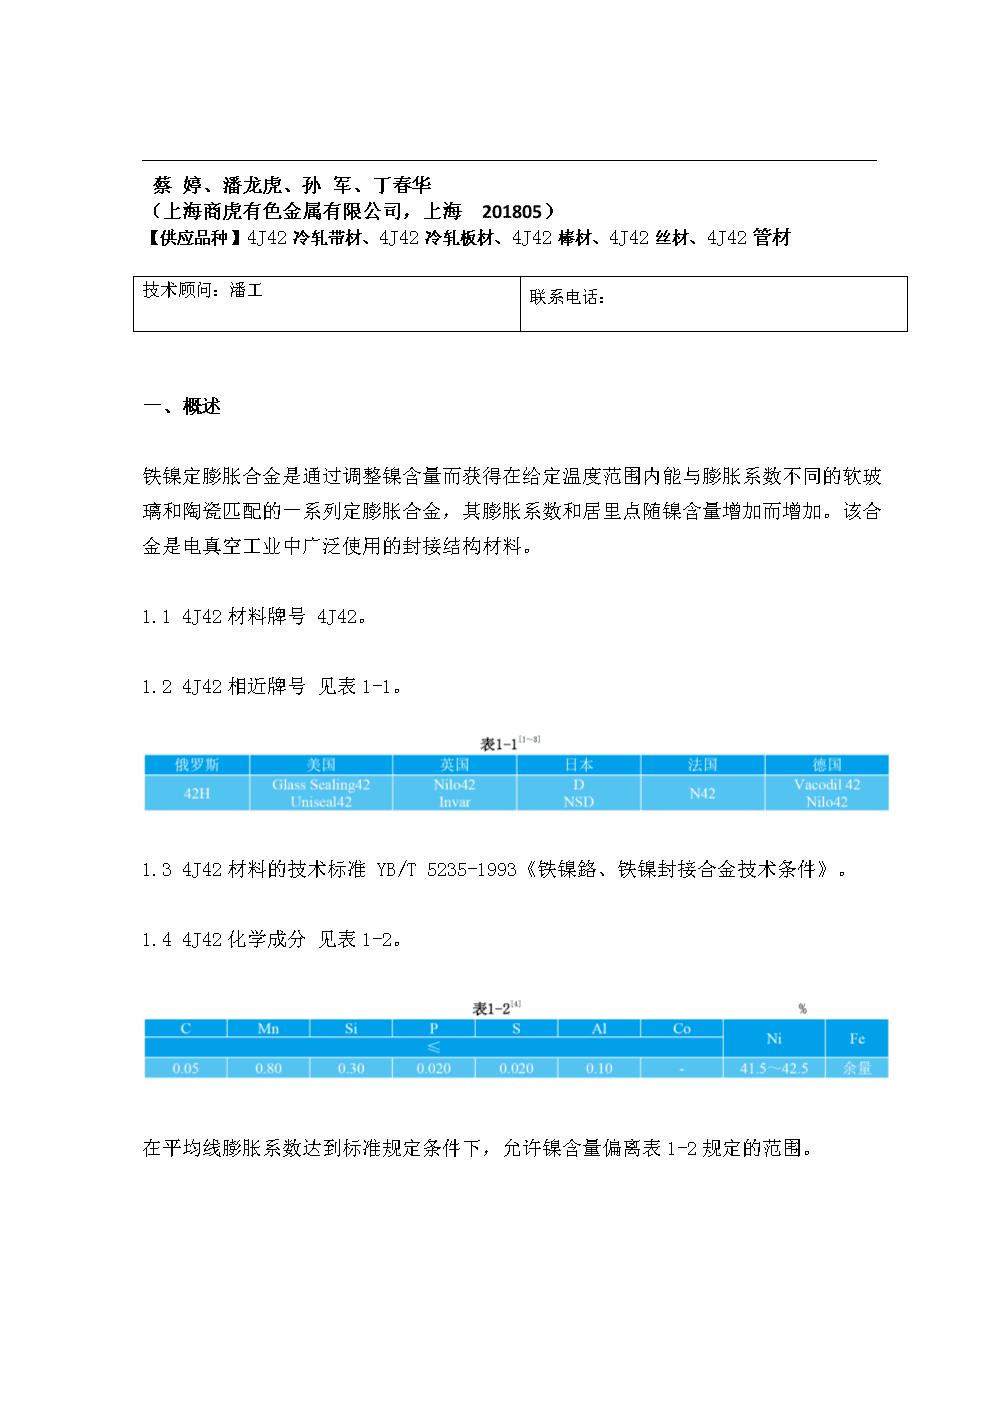 4J42铁镍定膨胀合金-上海商虎合金技术.doc